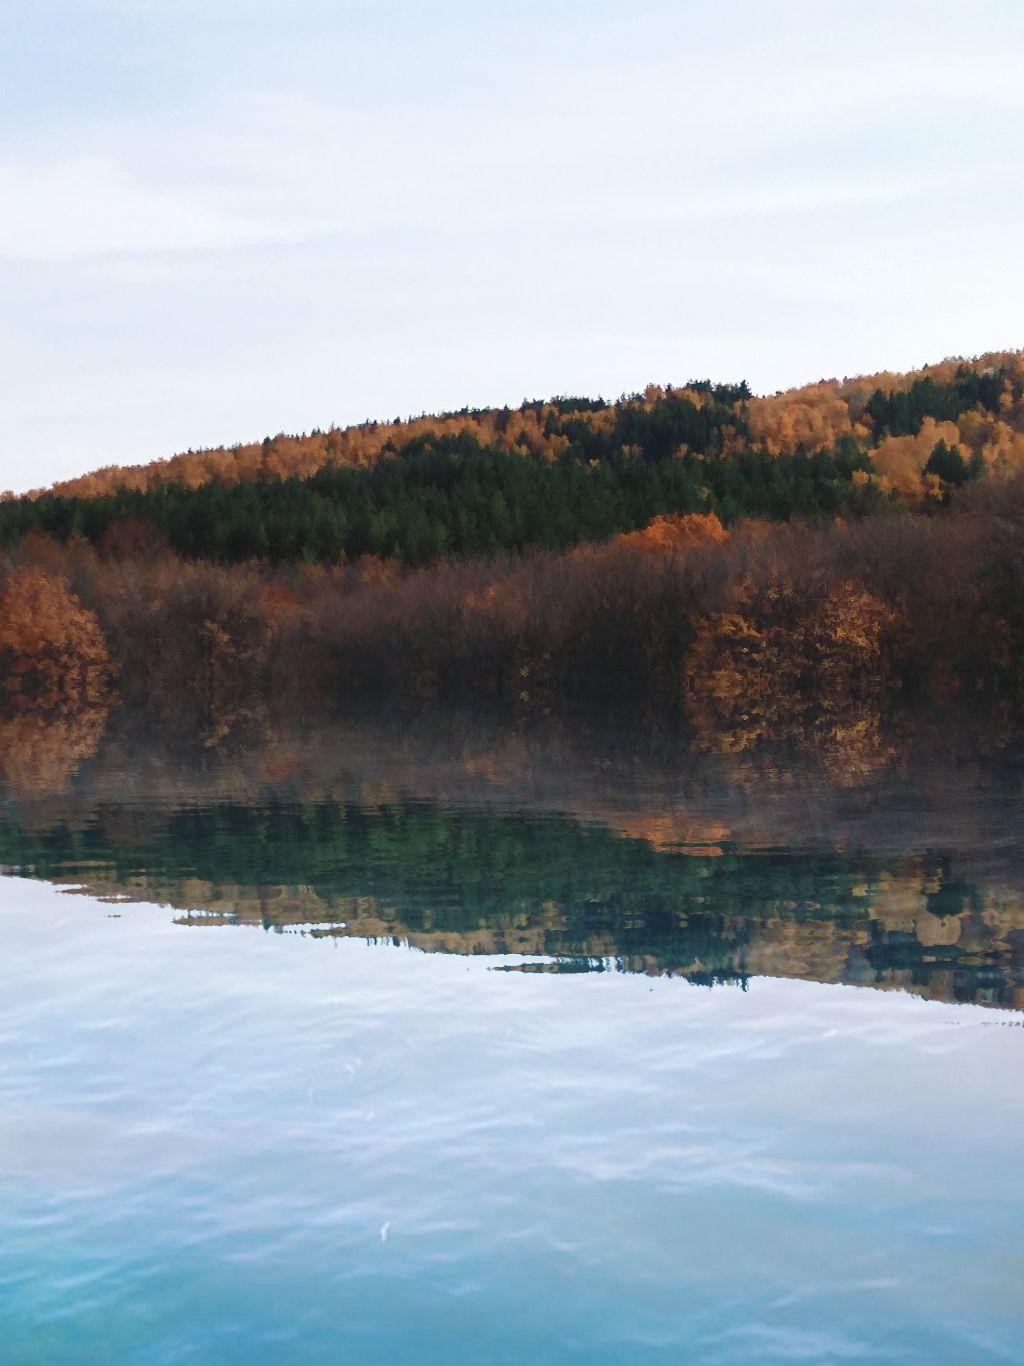 #река #осень #autumn #river